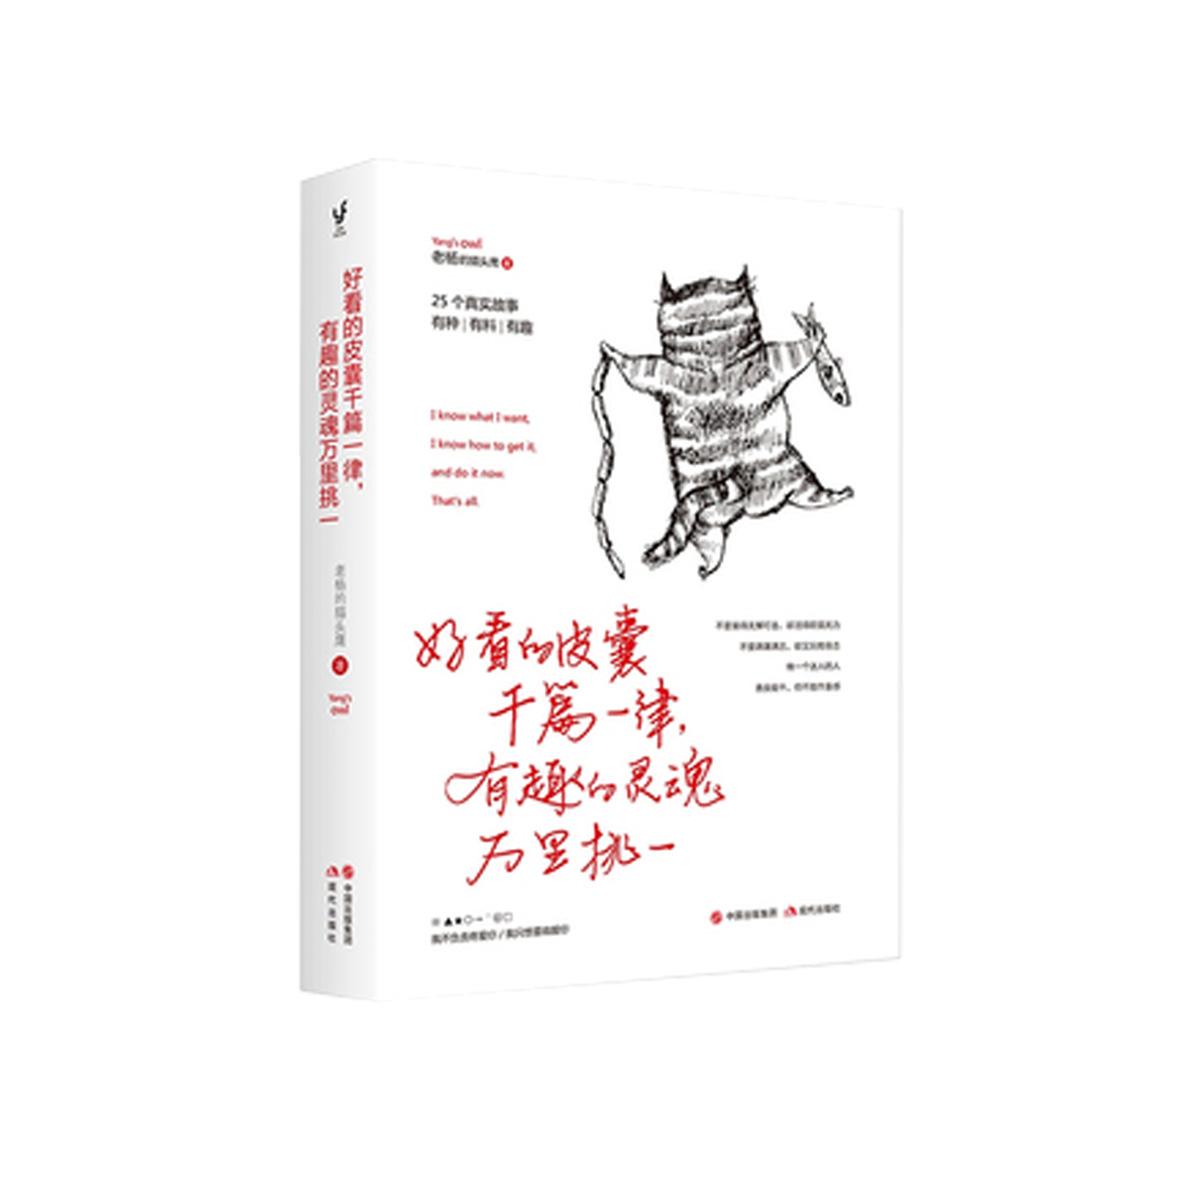 优米 好看的皮囊千篇一律有趣的灵魂万里挑一 青春励志书籍